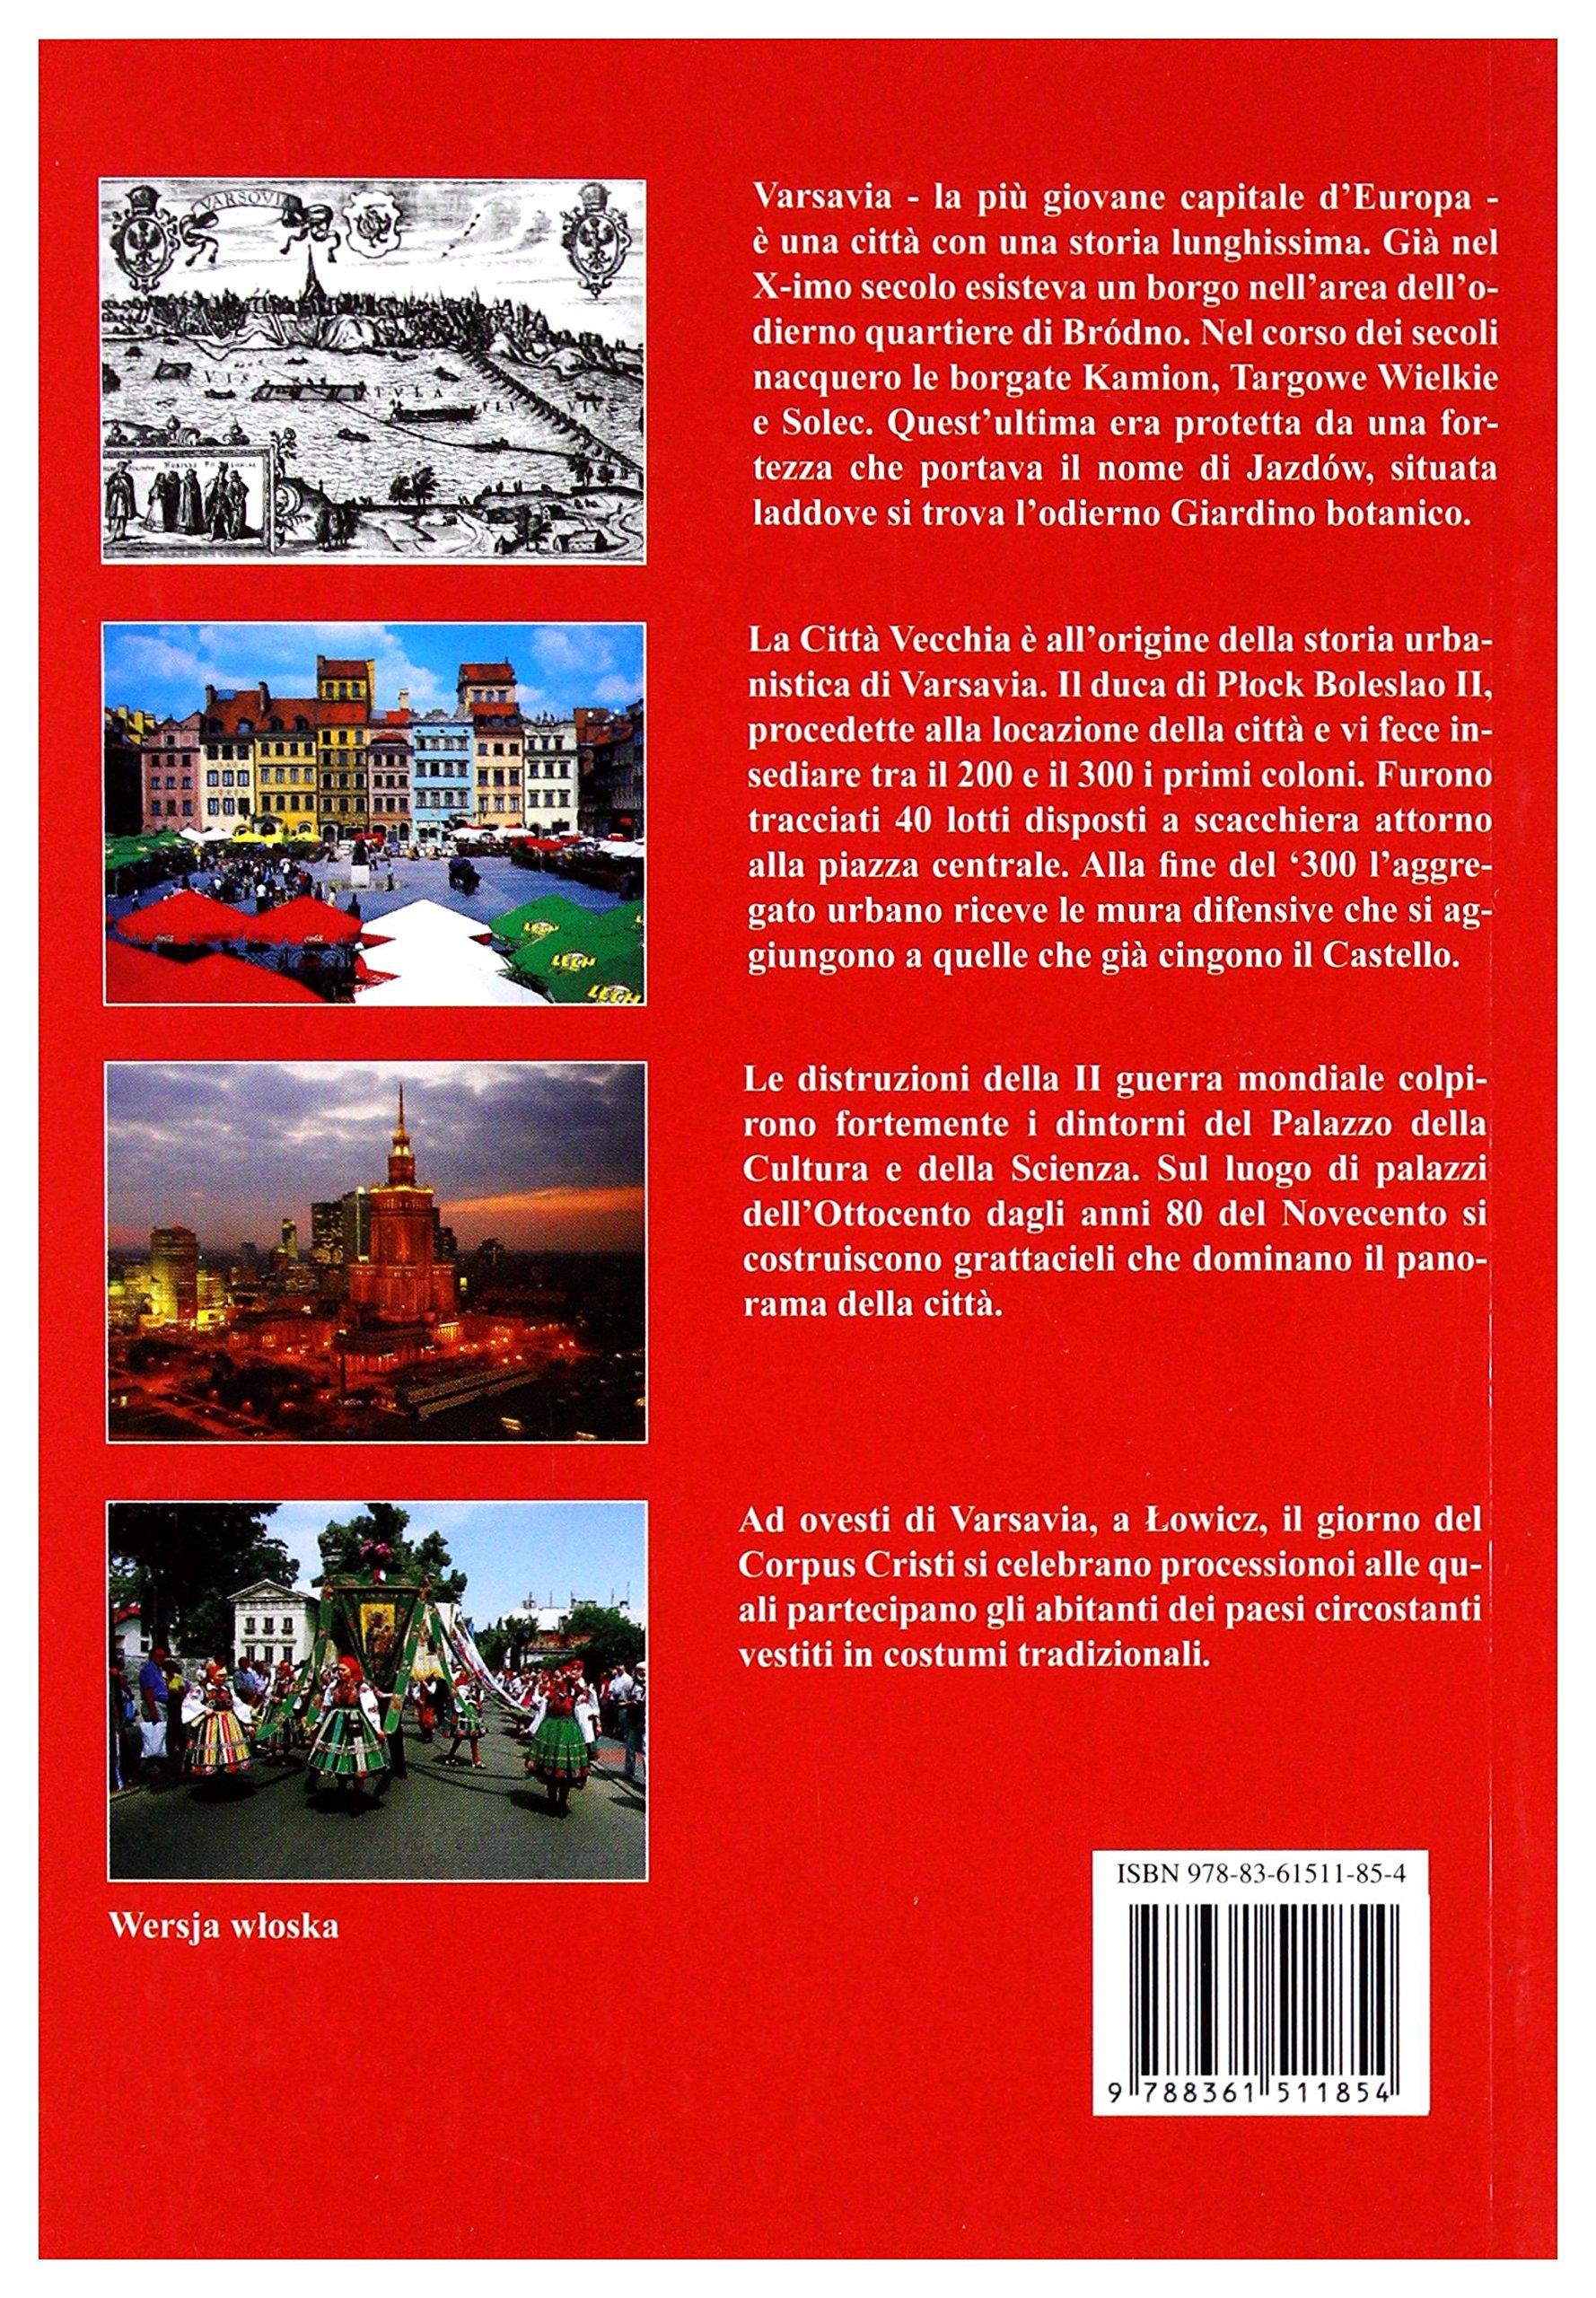 Warszawa i okolice. Wersja wloska (polish): 9788361511854: Amazon.com: Books